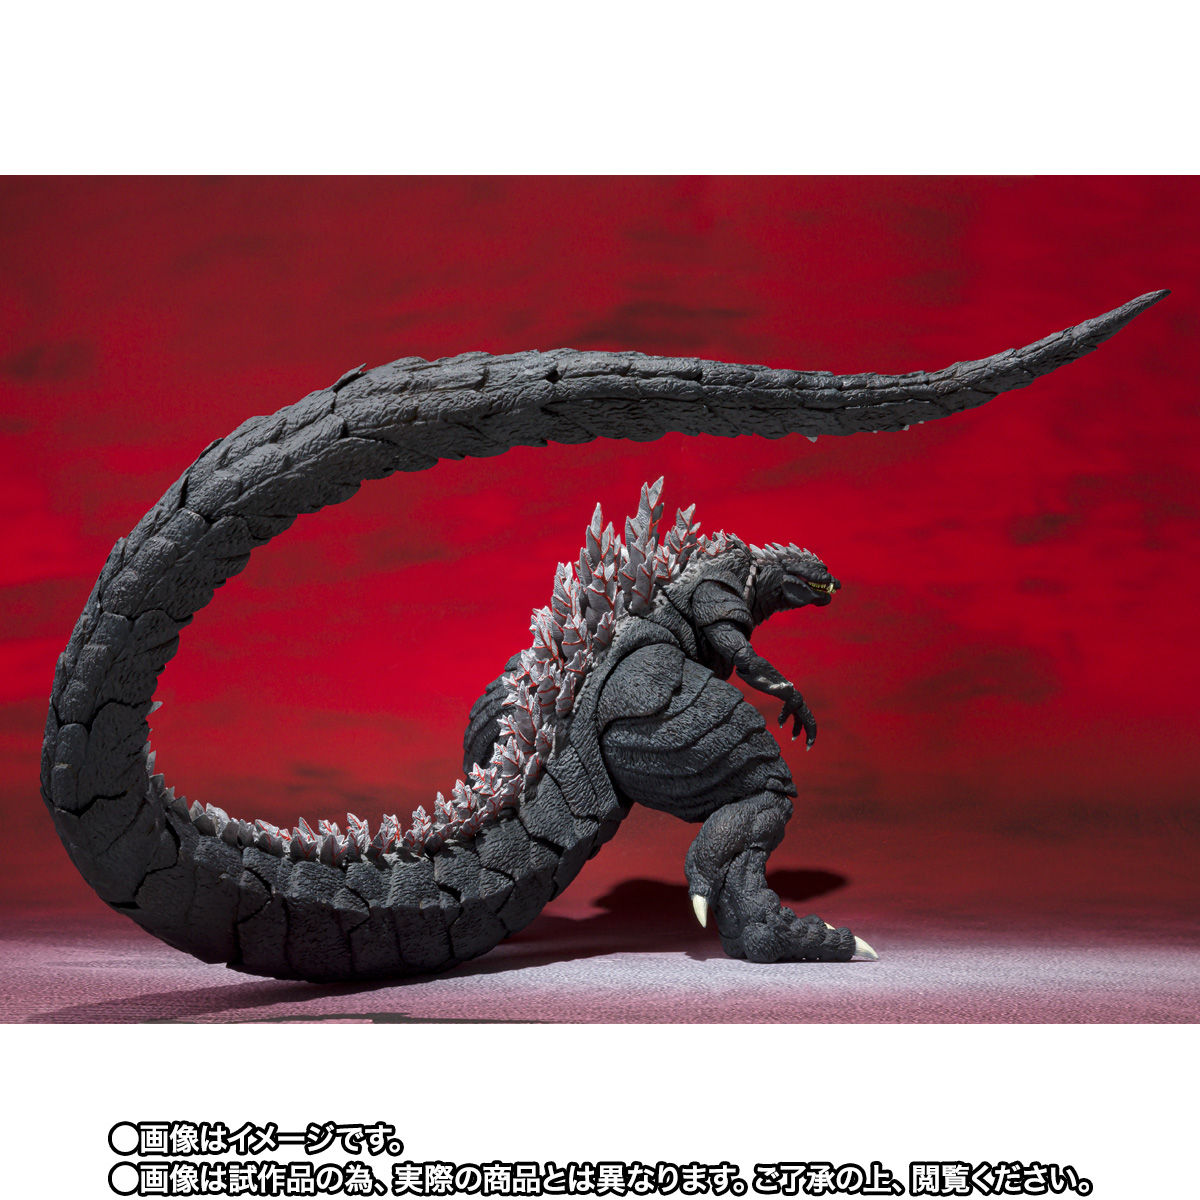 【限定販売】S.H.MonsterArts『ゴジラウルティマ』ゴジラS.P 可動フィギュア-006